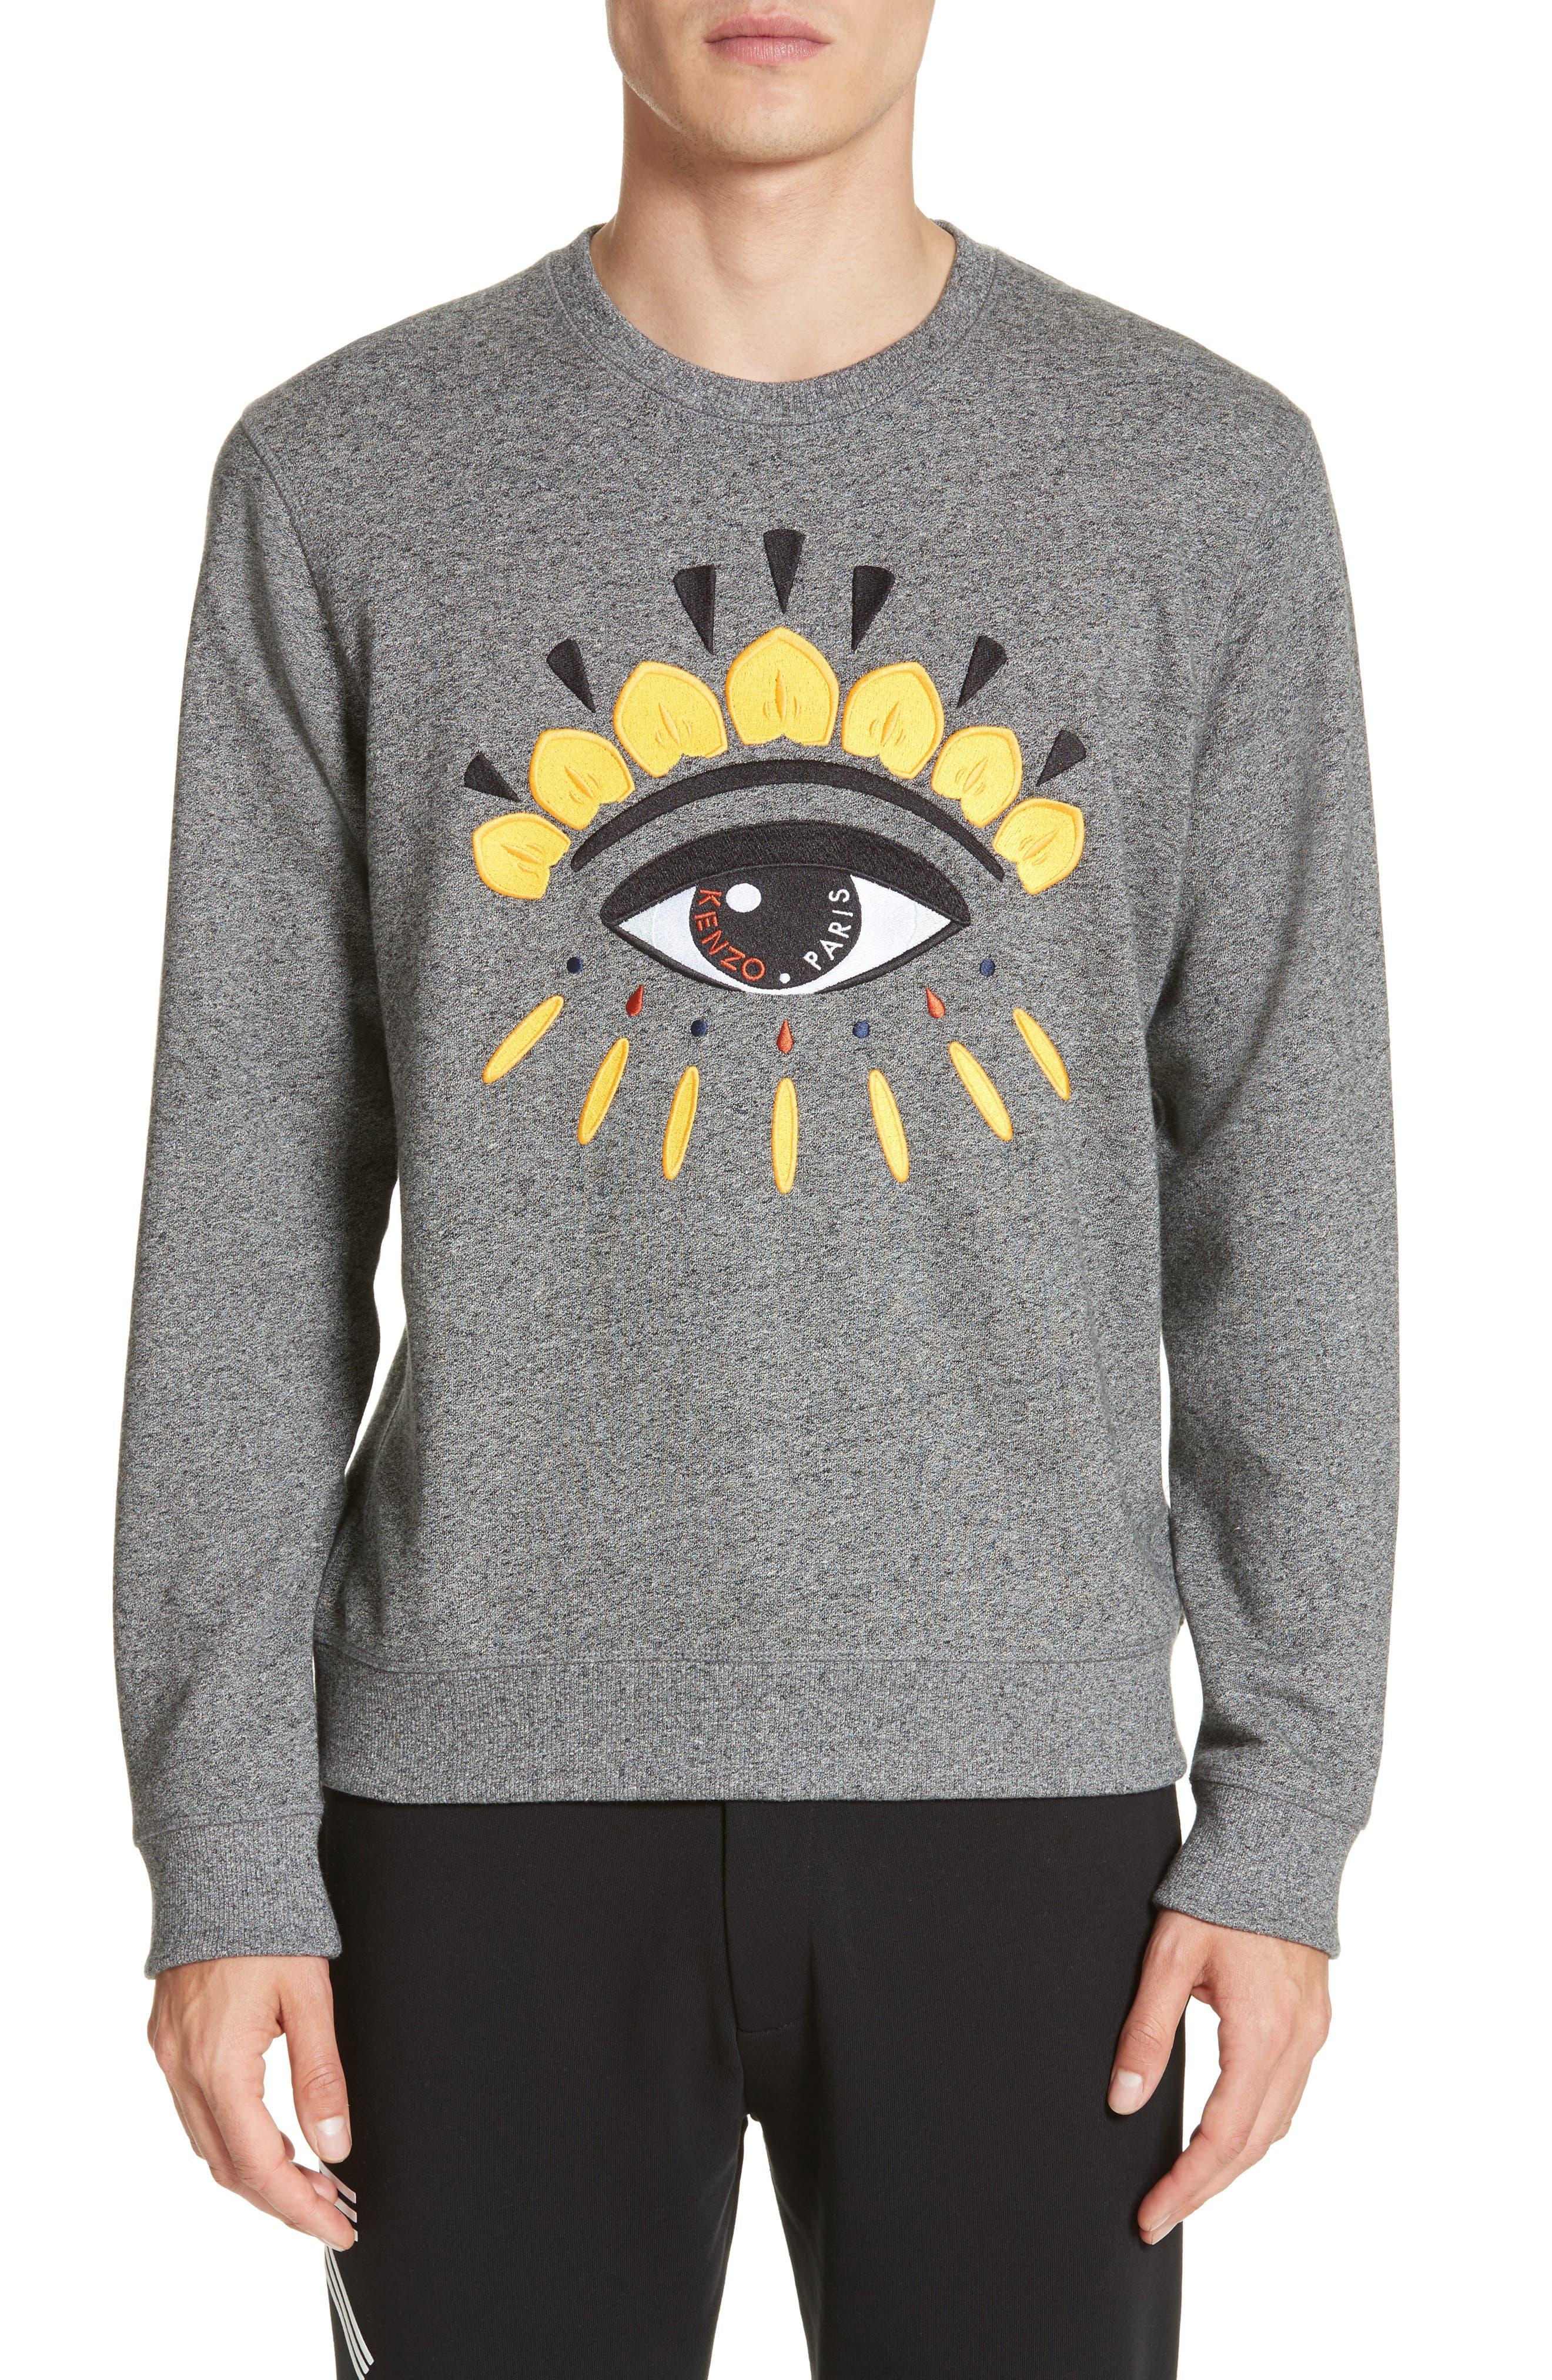 Alternate Image 1 Selected - KENZO Eye Graphic Sweatshirt